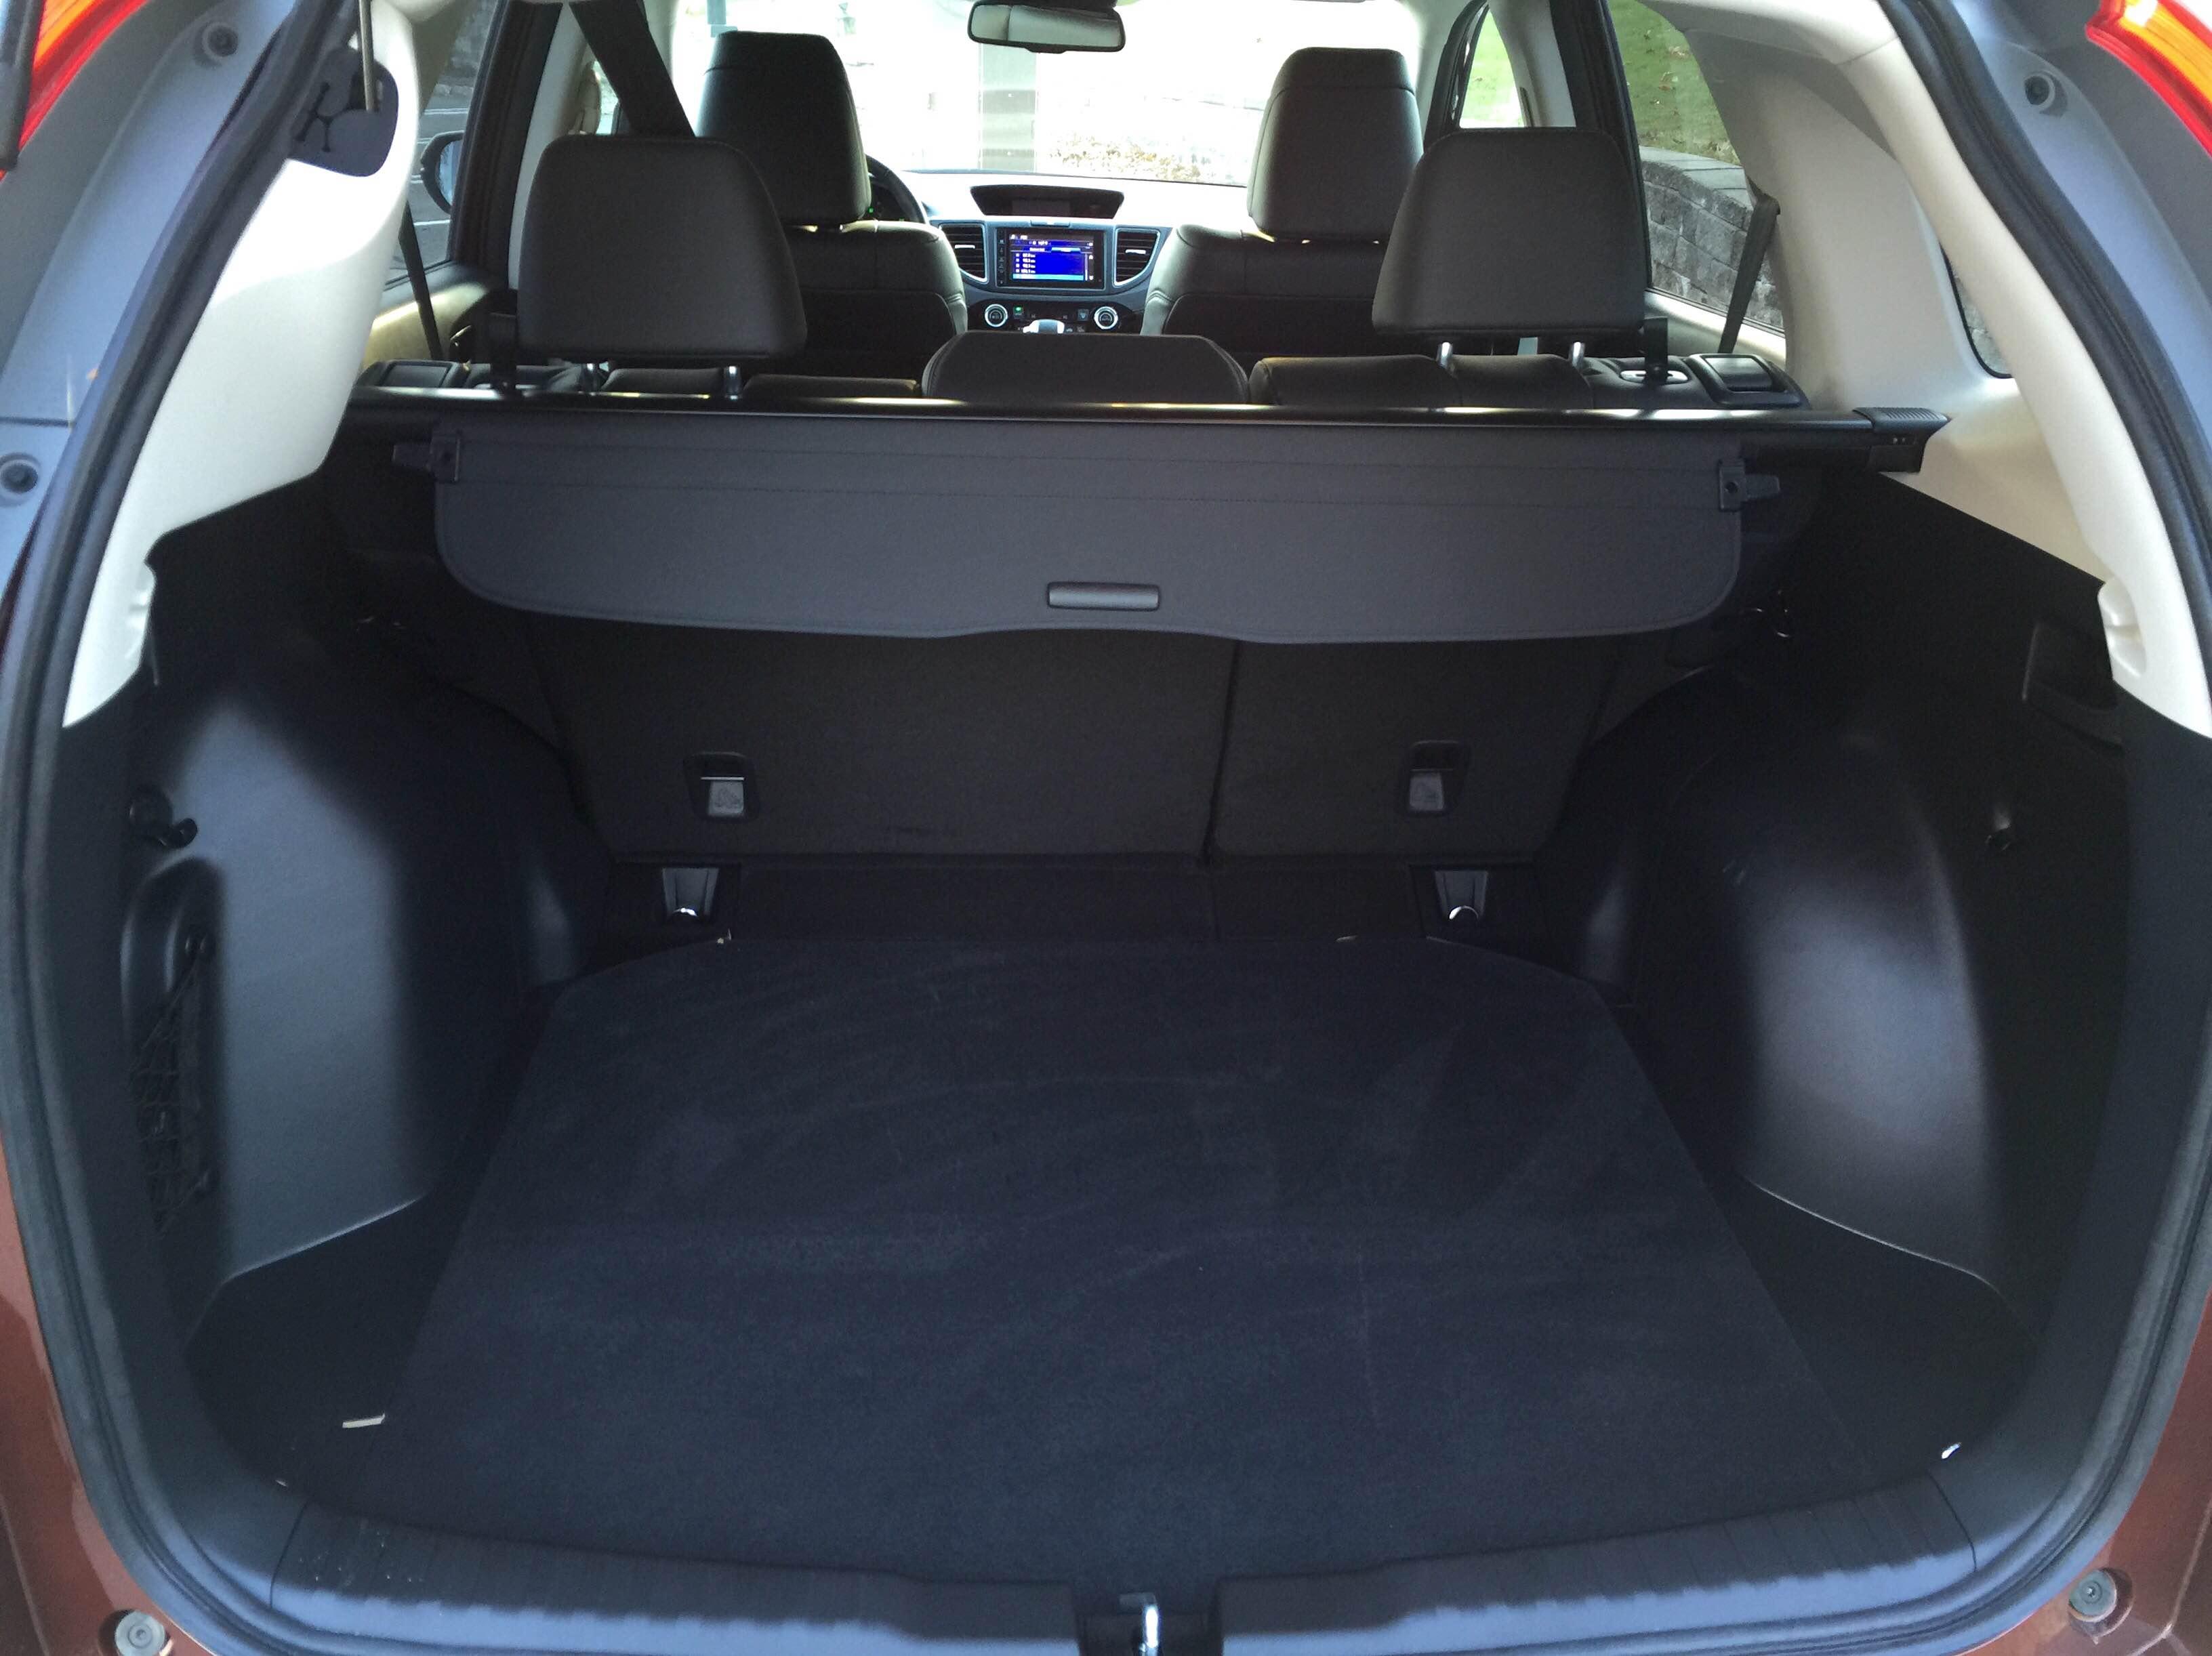 2015 Honda CR-V Cargo